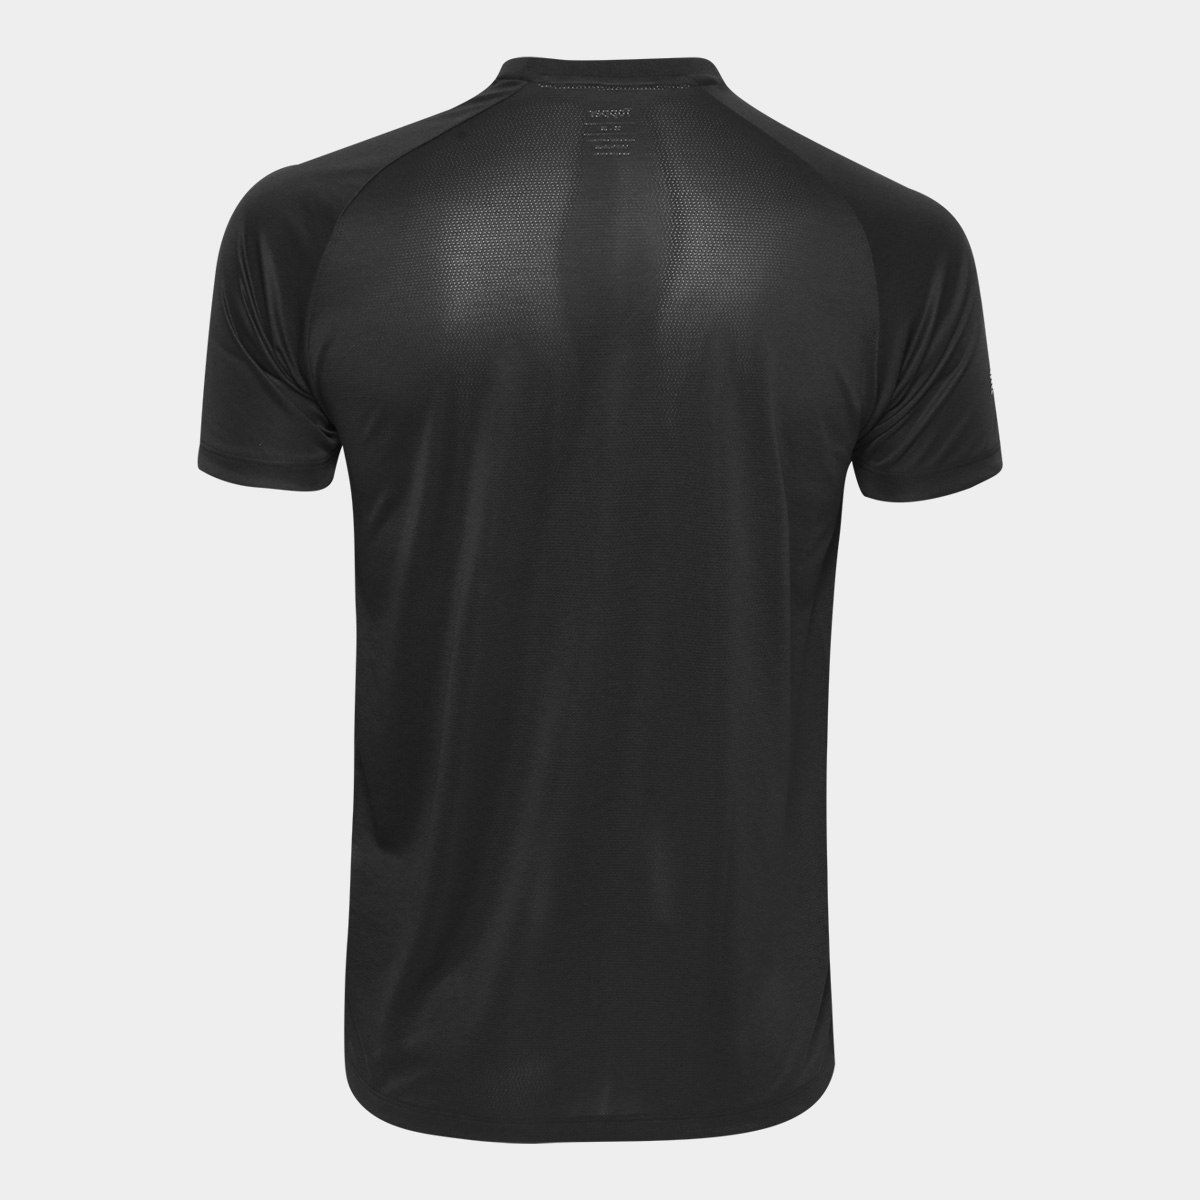 Camisa Atlético Mineiro 2018 Aquecimento Topper Masculina